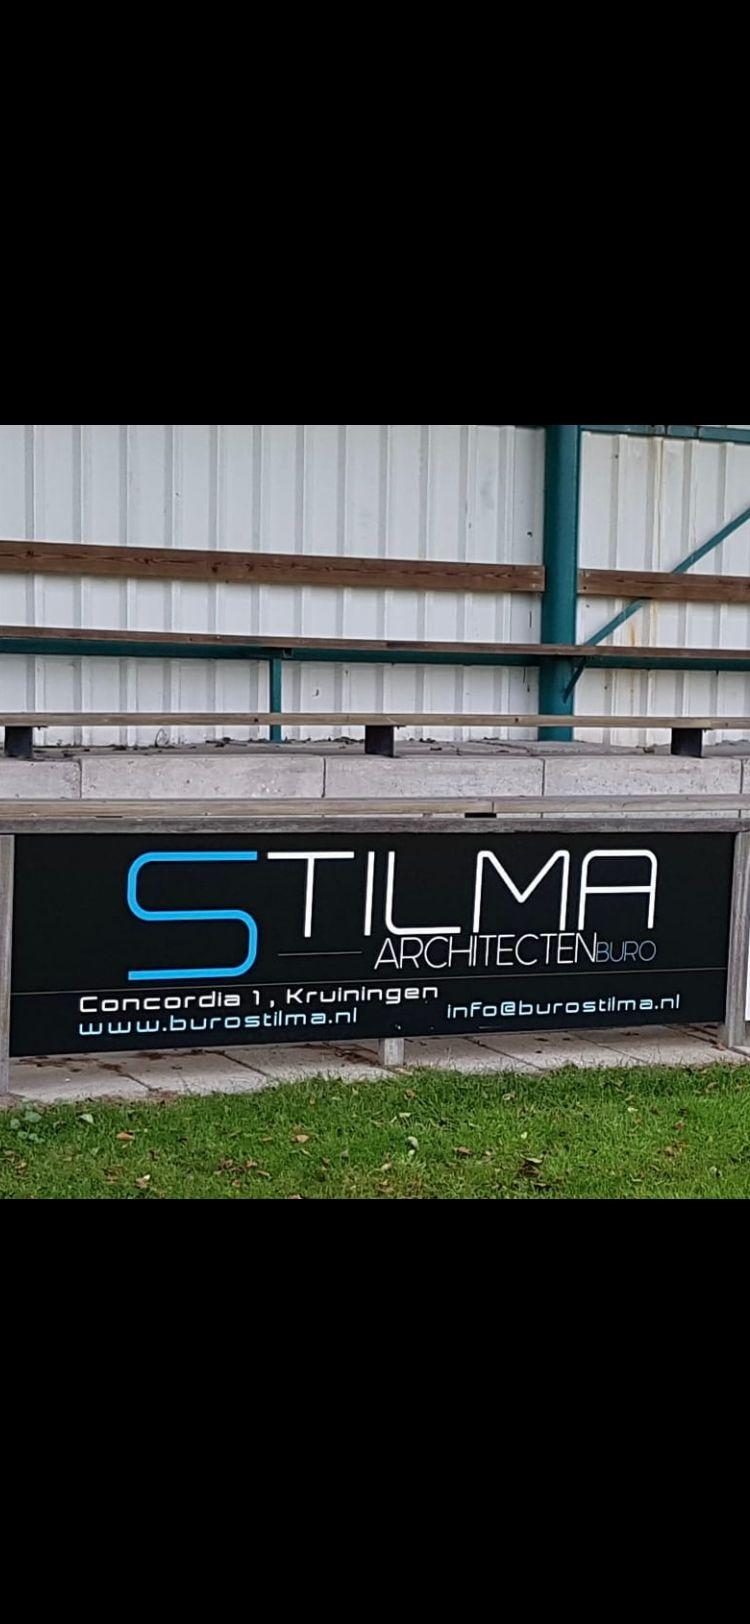 Nieuwe sponsor, Stilma Architecten bureau